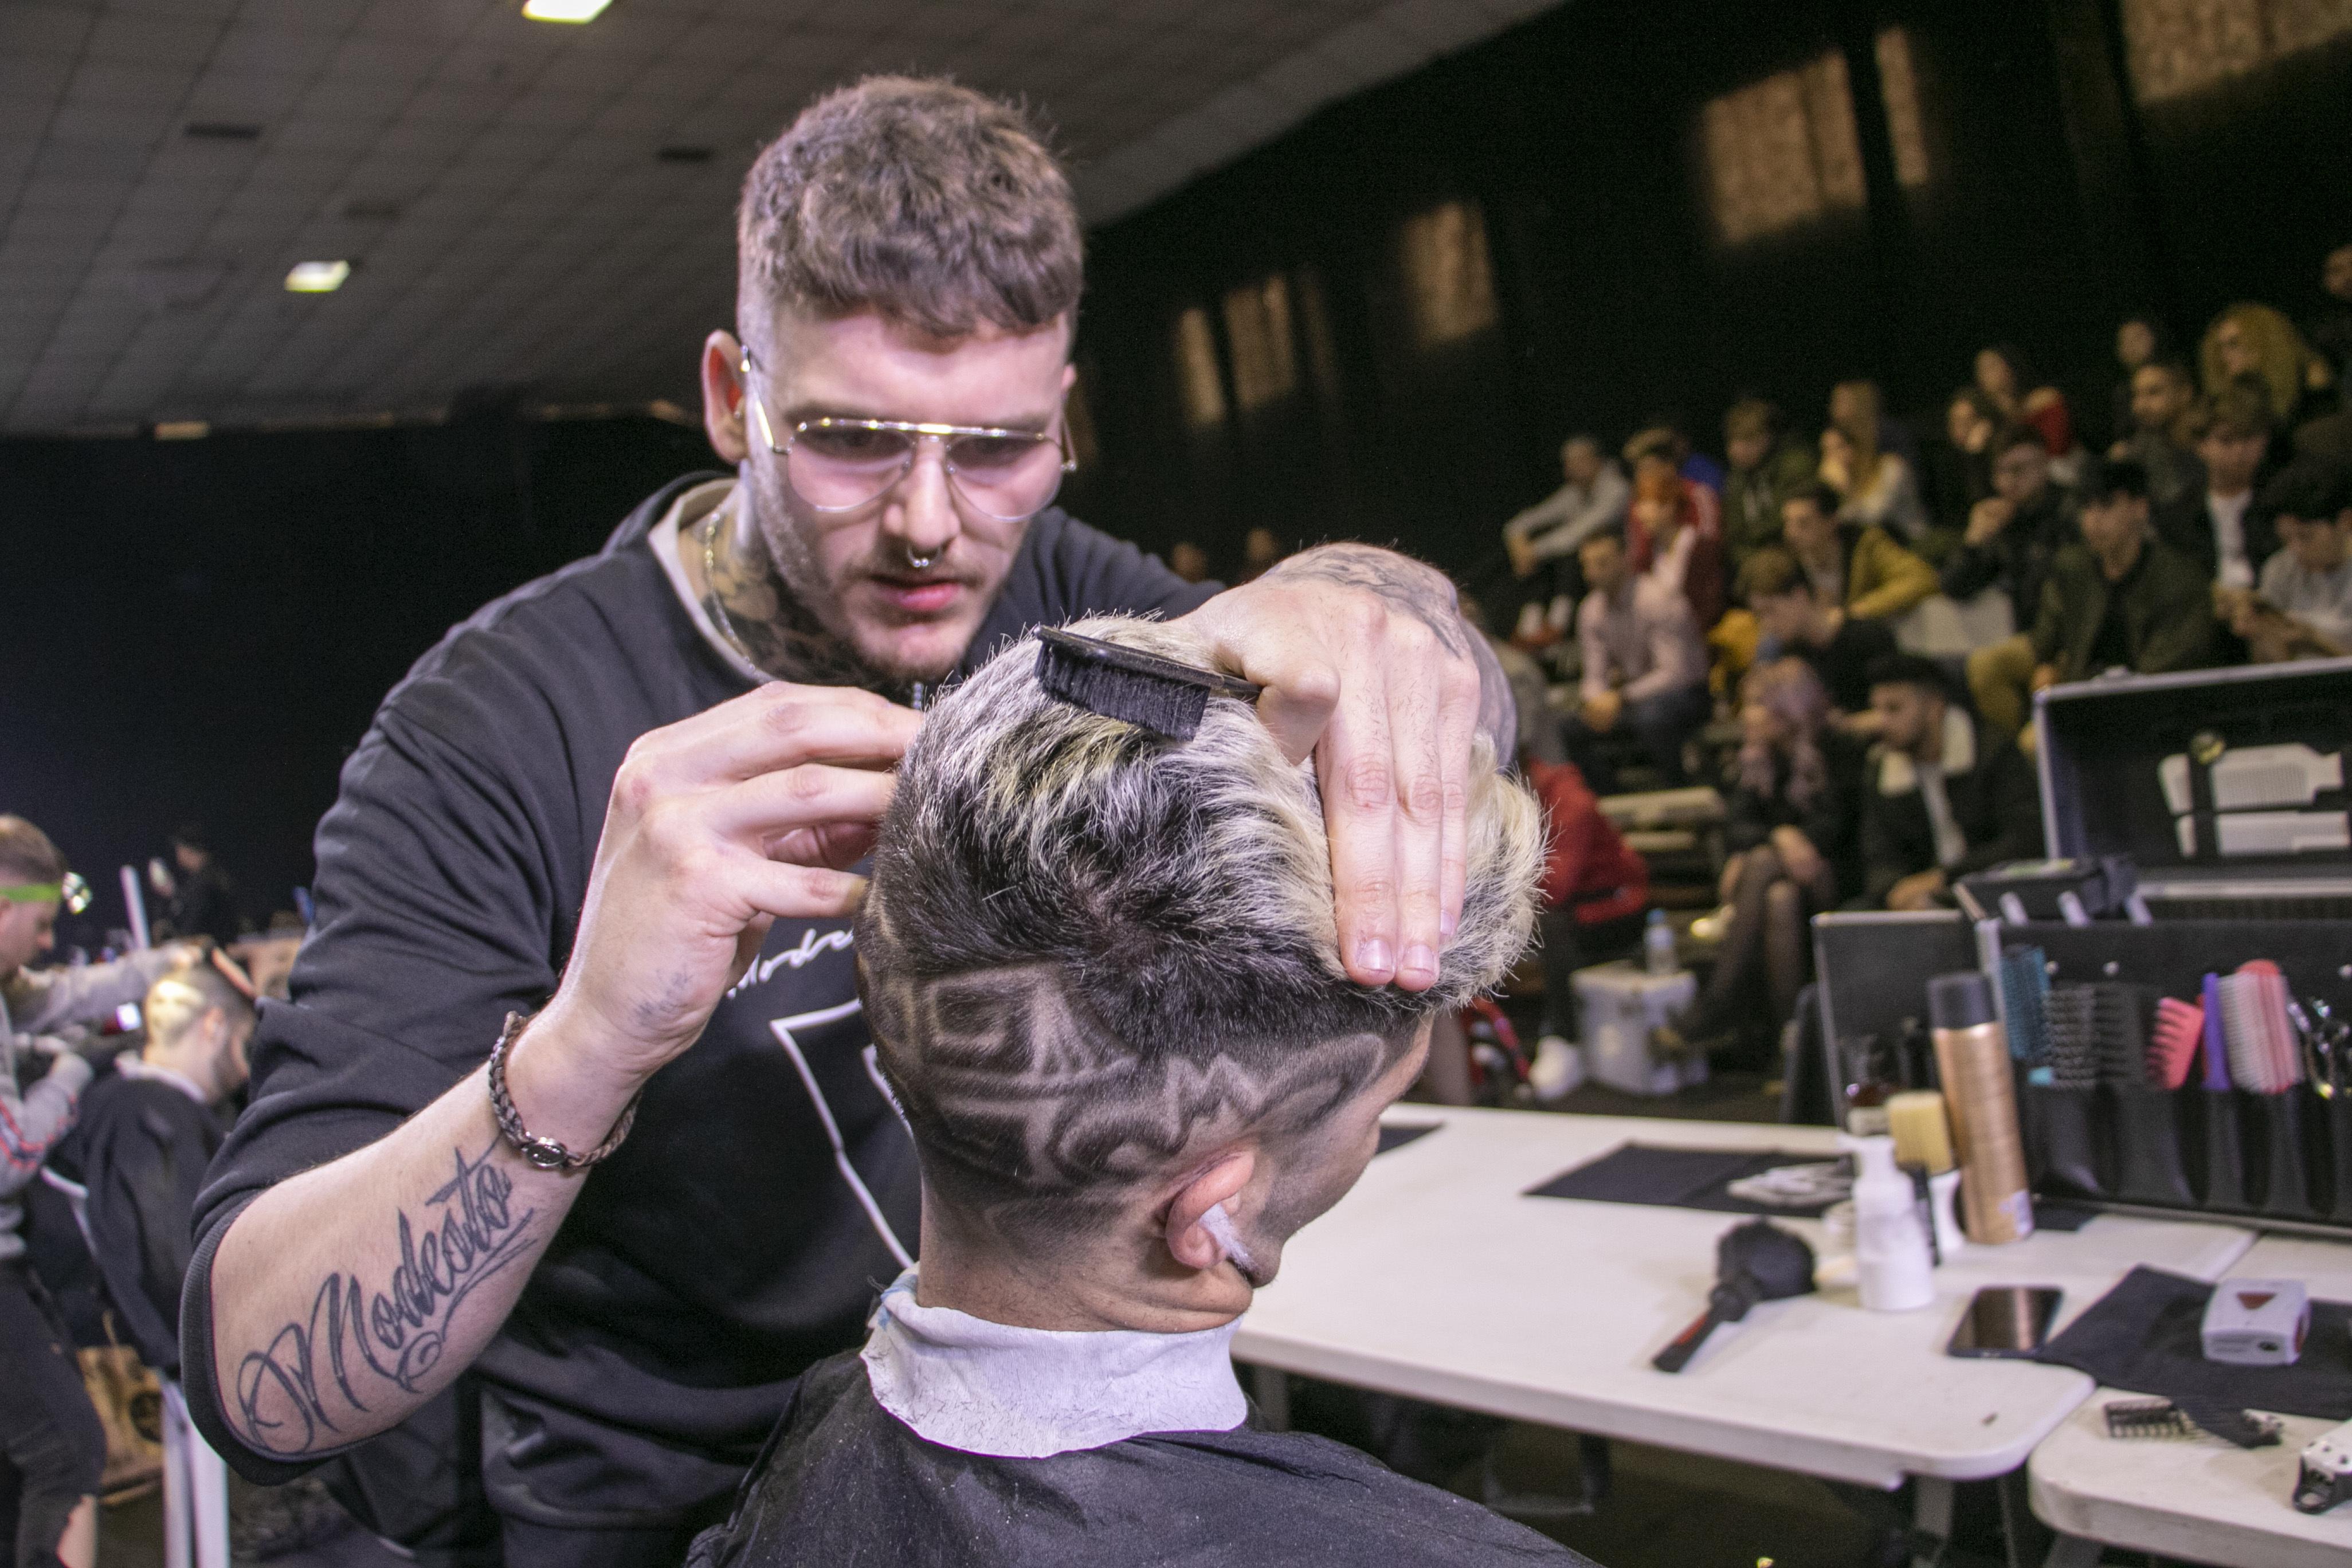 La peluquería, la barbería, la estética y la moda cita este fin de semana en Fermasa